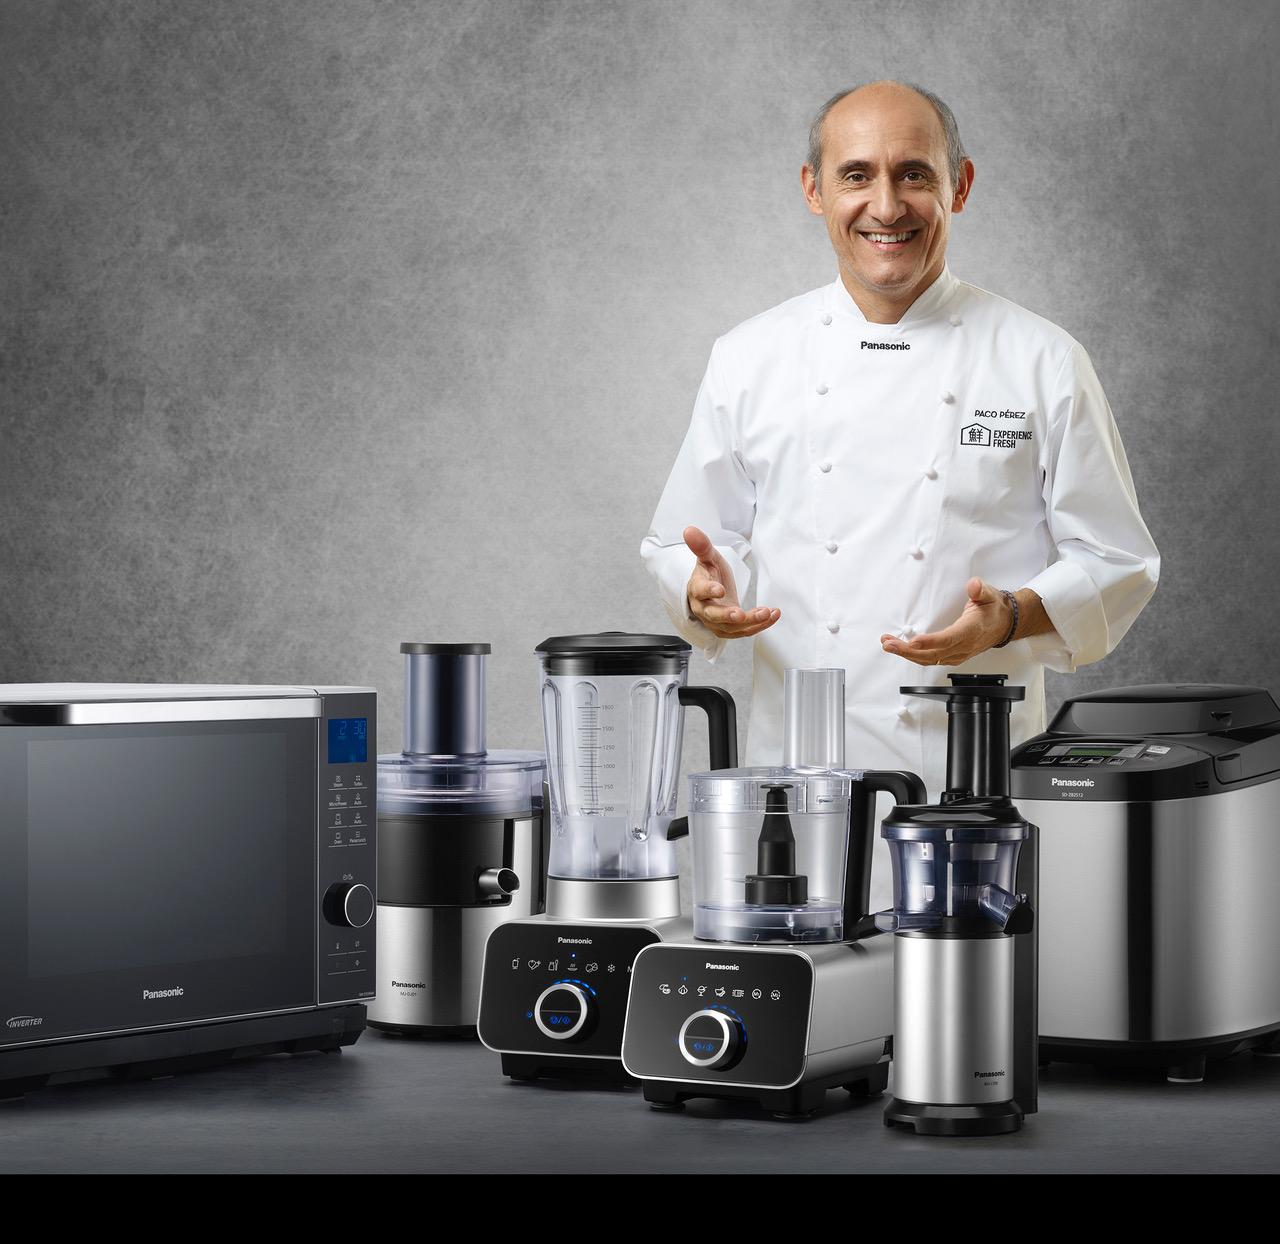 Presentamos nuestra línea de electrodomésticos de cocina de la mano del chef Paco Pérez